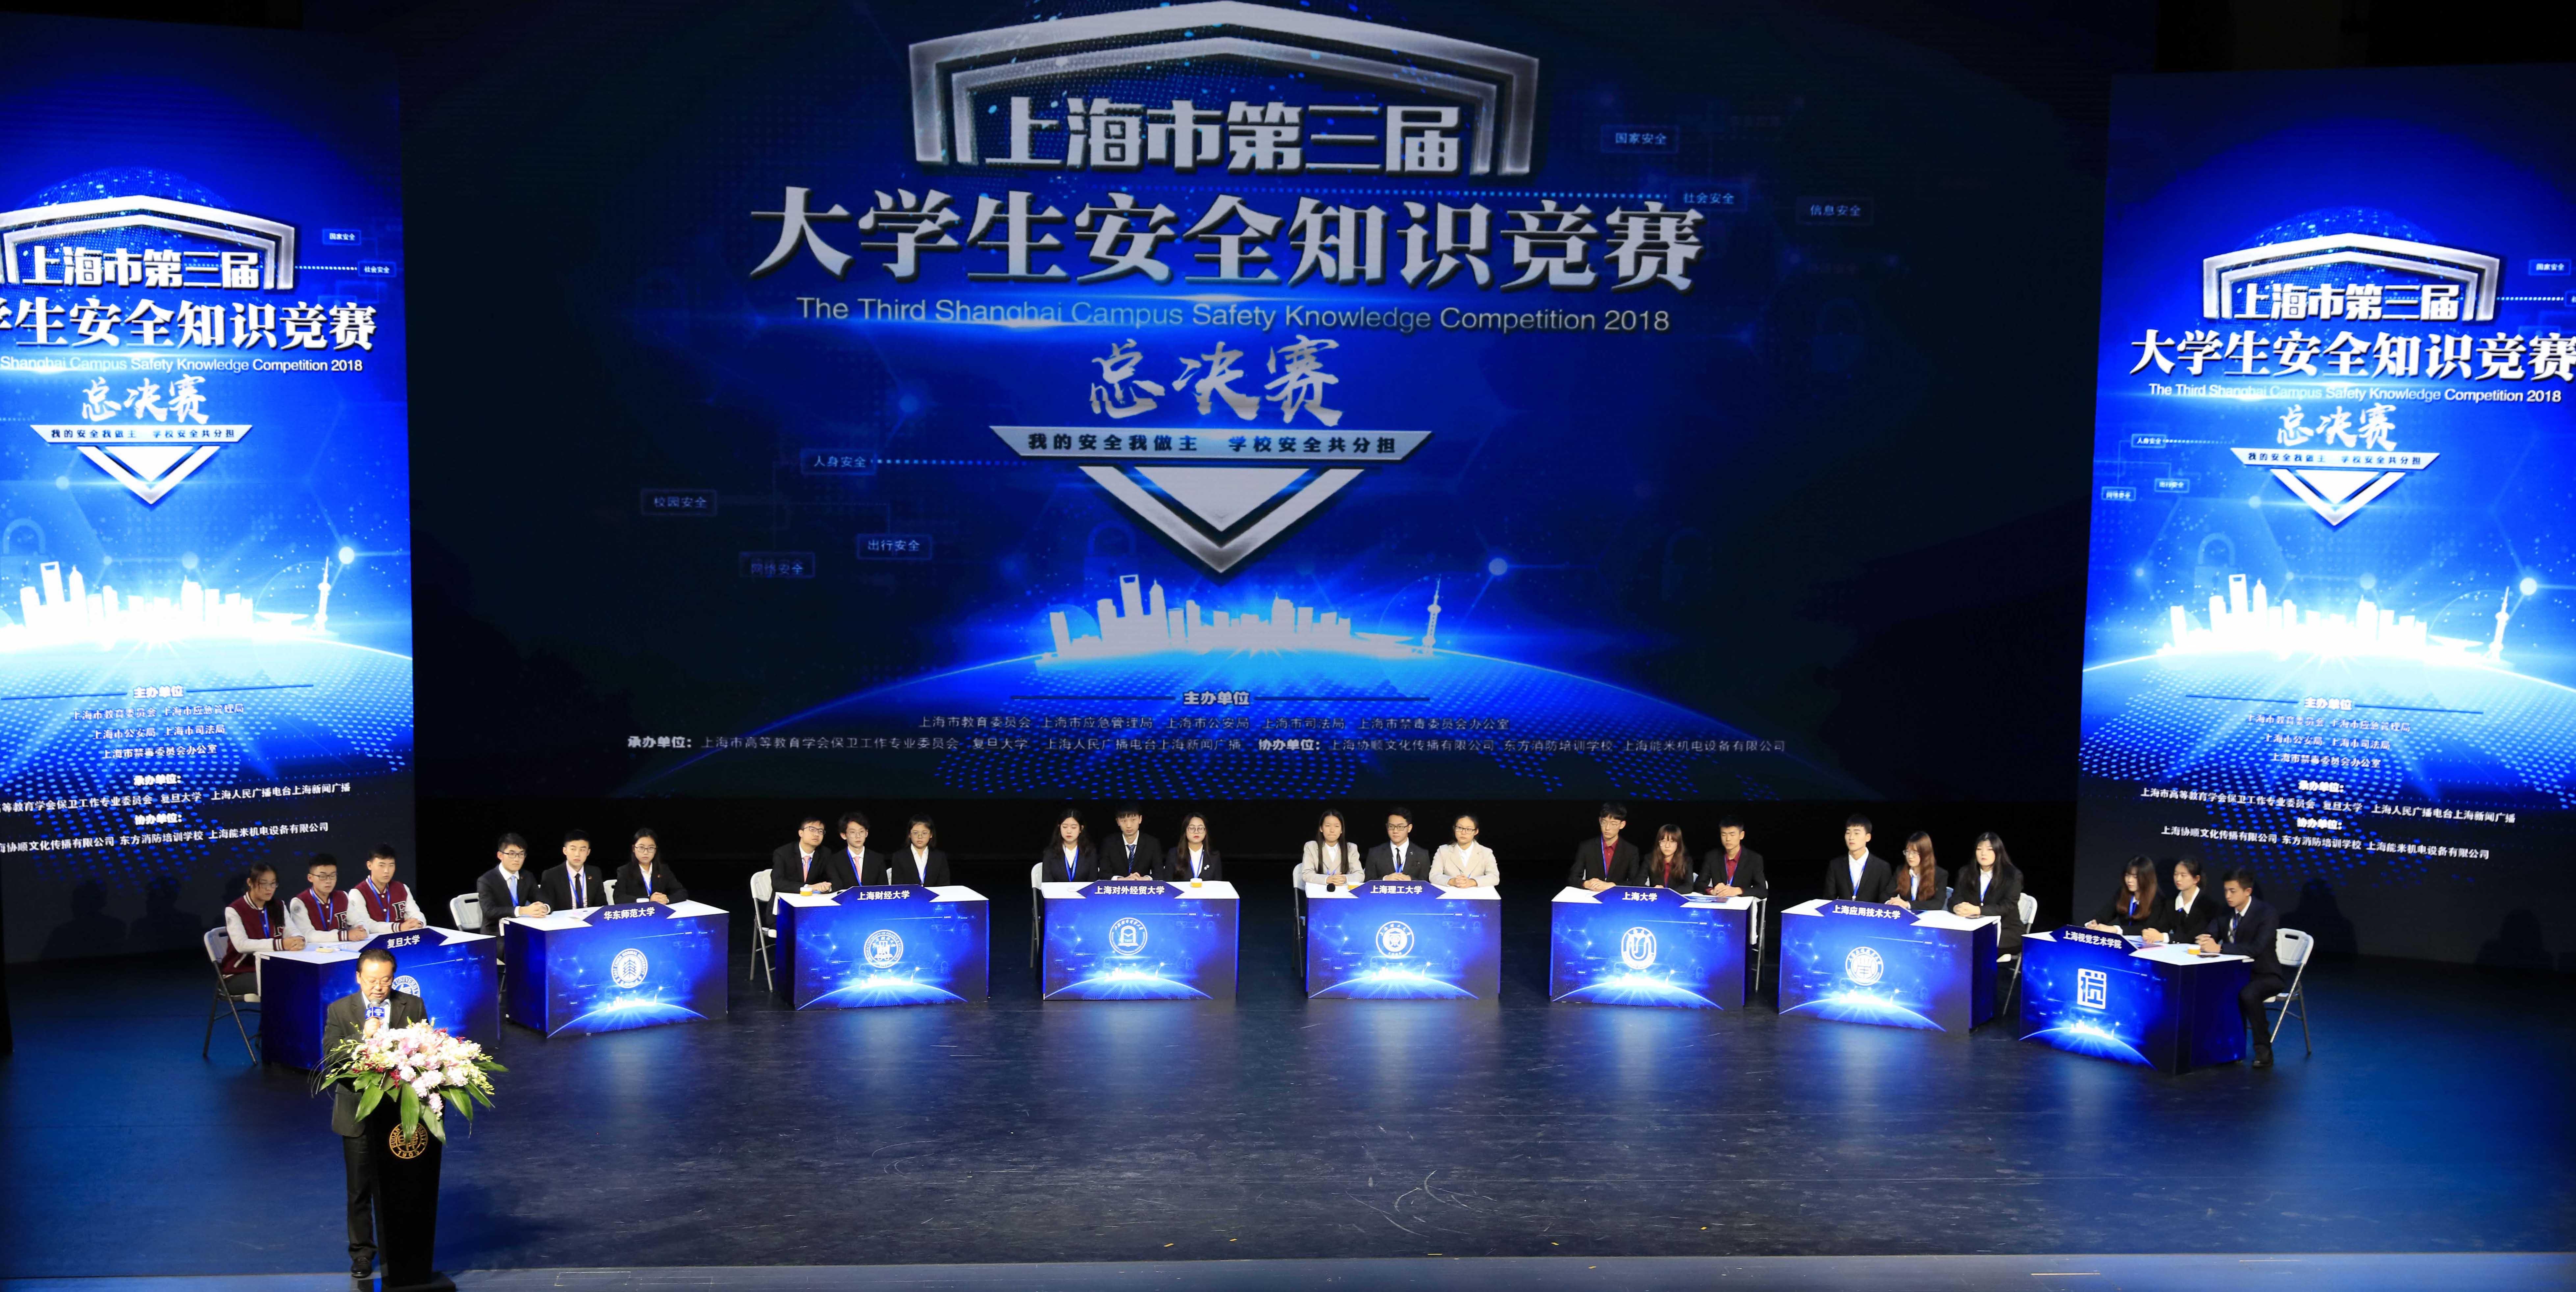 """视觉学子摘""""上海市第三届大学生安全知识竞赛""""最高奖(特等奖),连续三年蝉联总决赛"""